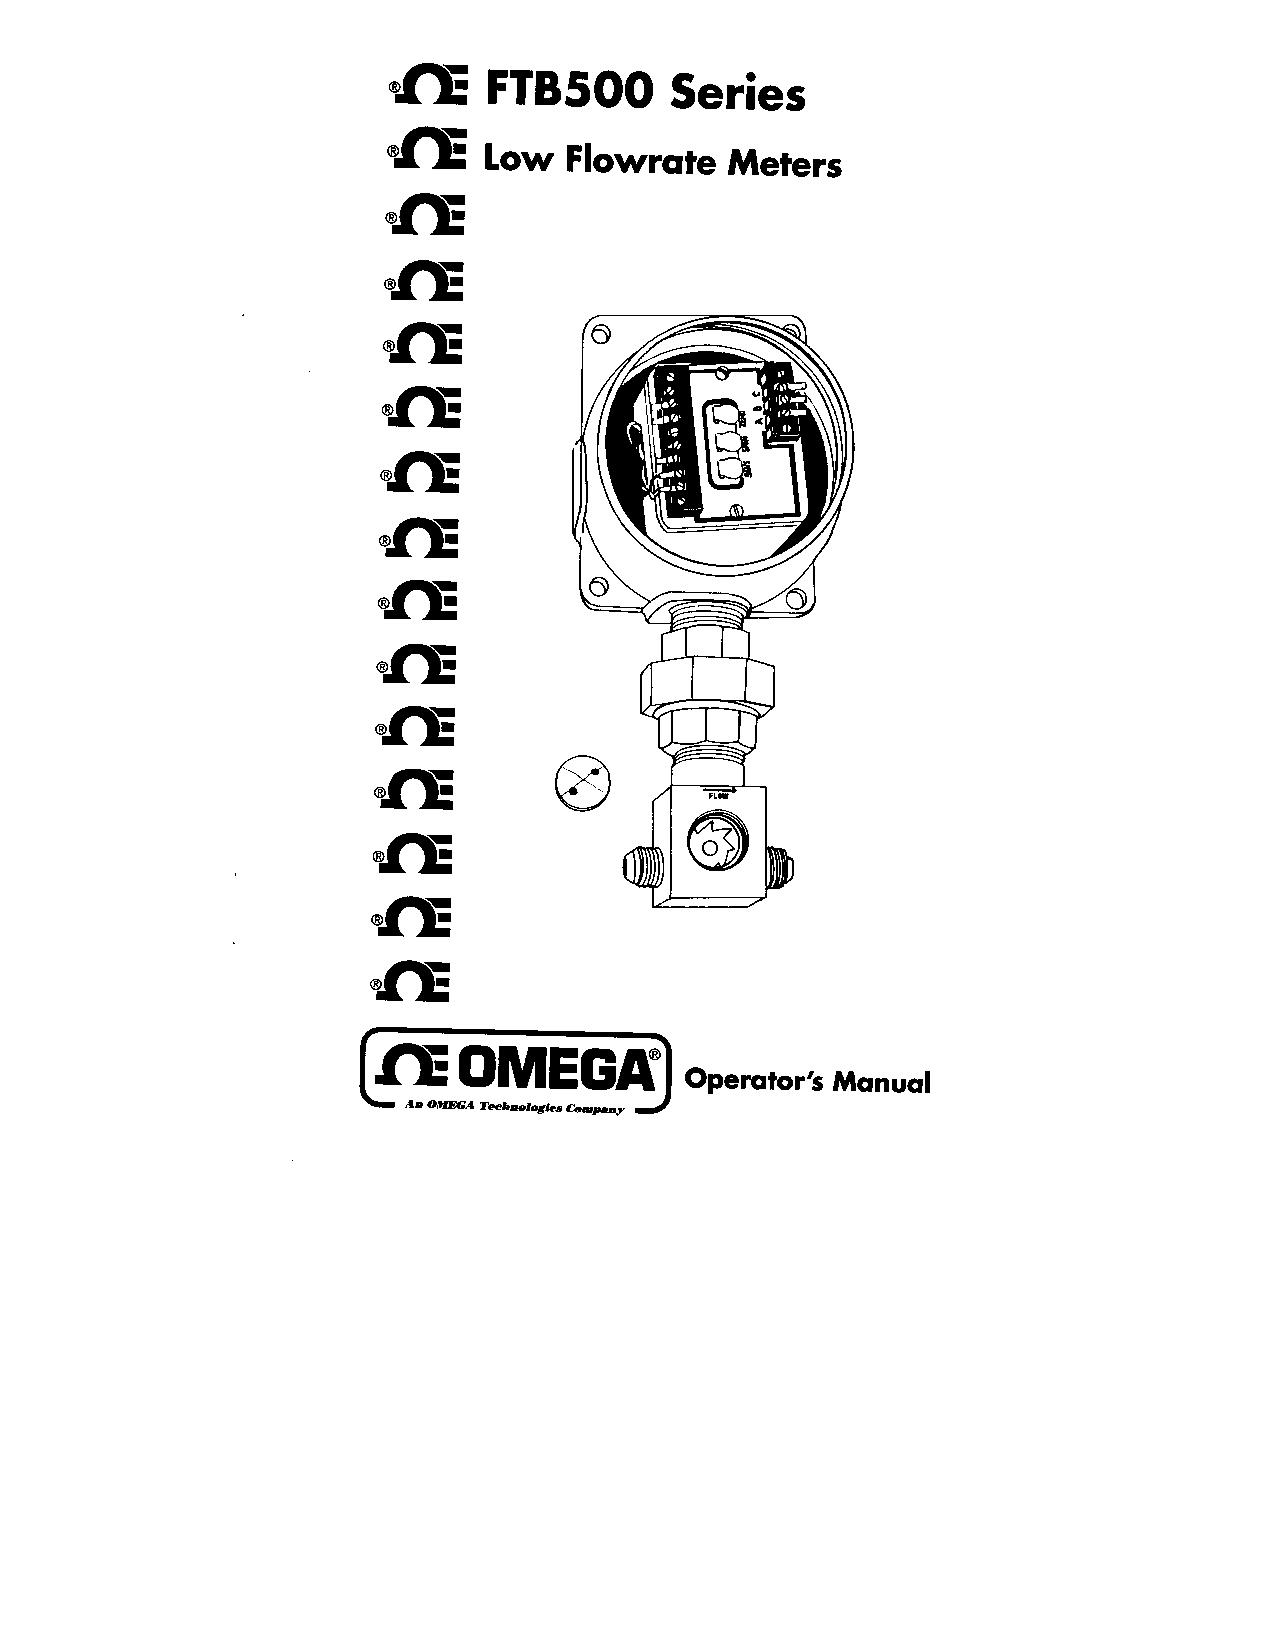 Omega FTB500 User Manual